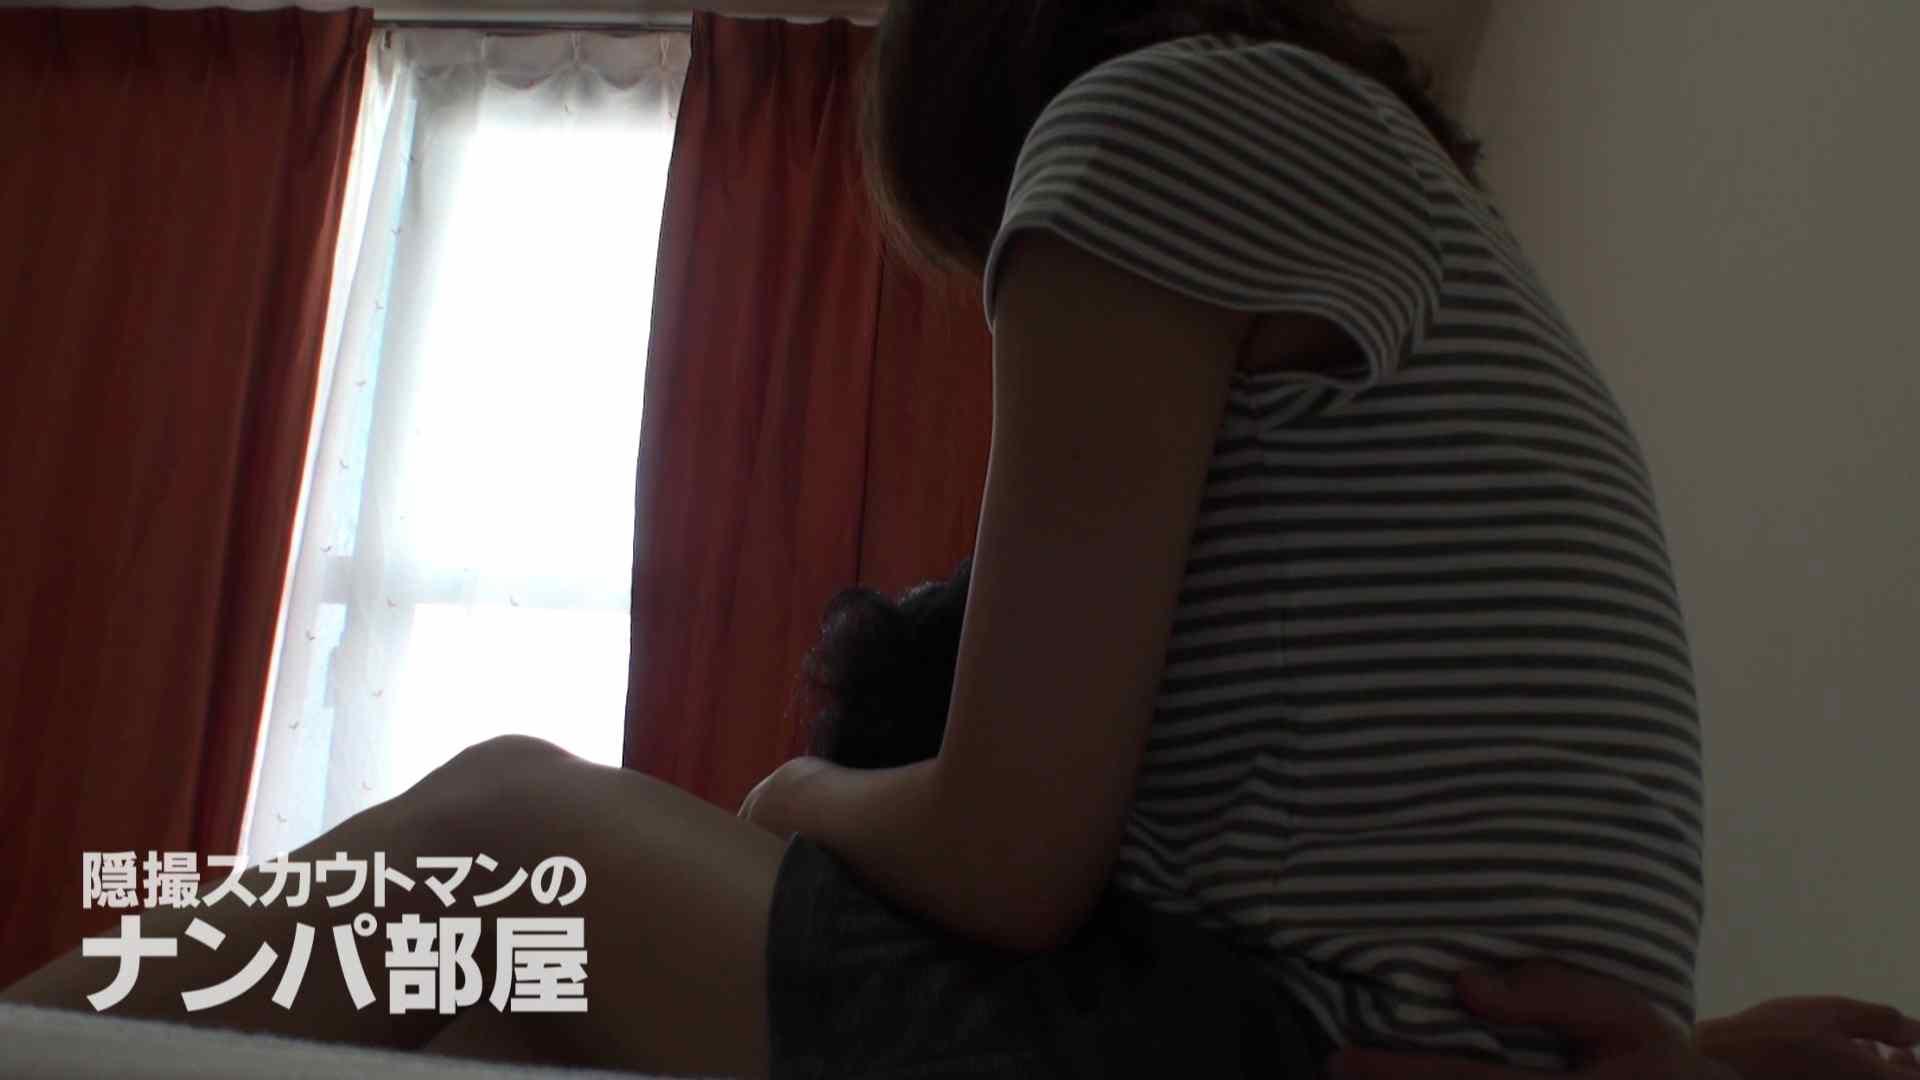 隠撮スカウトマンのナンパ部屋~風俗デビュー前のつまみ食い~ siivol.3 ナンパ おまんこ動画流出 76pic 47